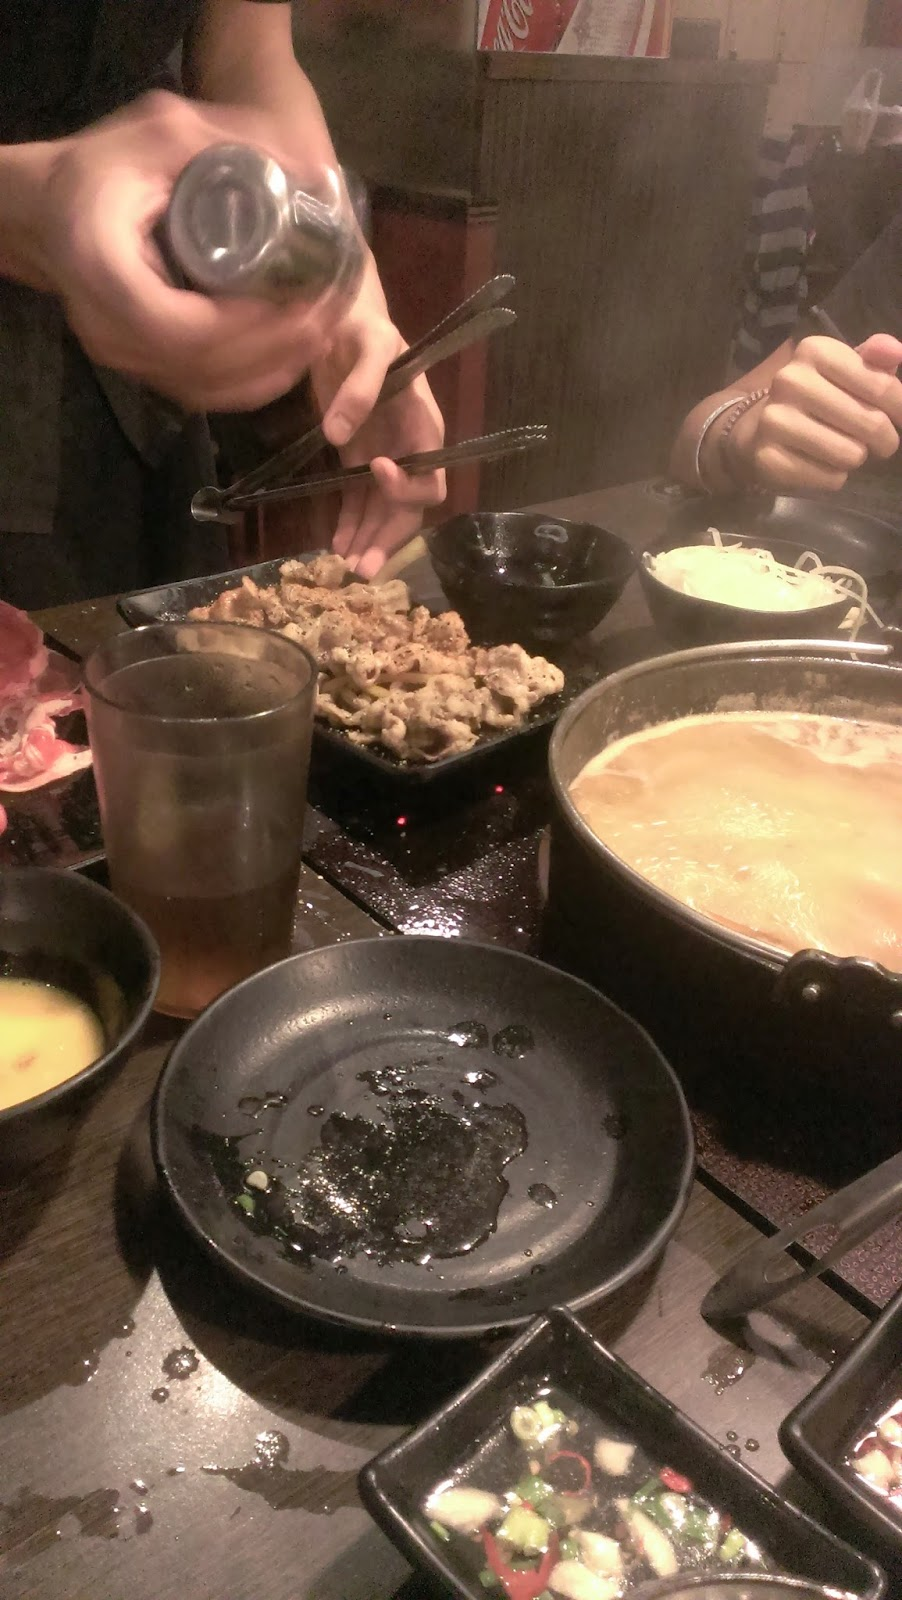 2014 11 09%2B17.26.18 - [食記] 潮肉壽喜燒 - 平價多樣的壽喜燒吃到飽